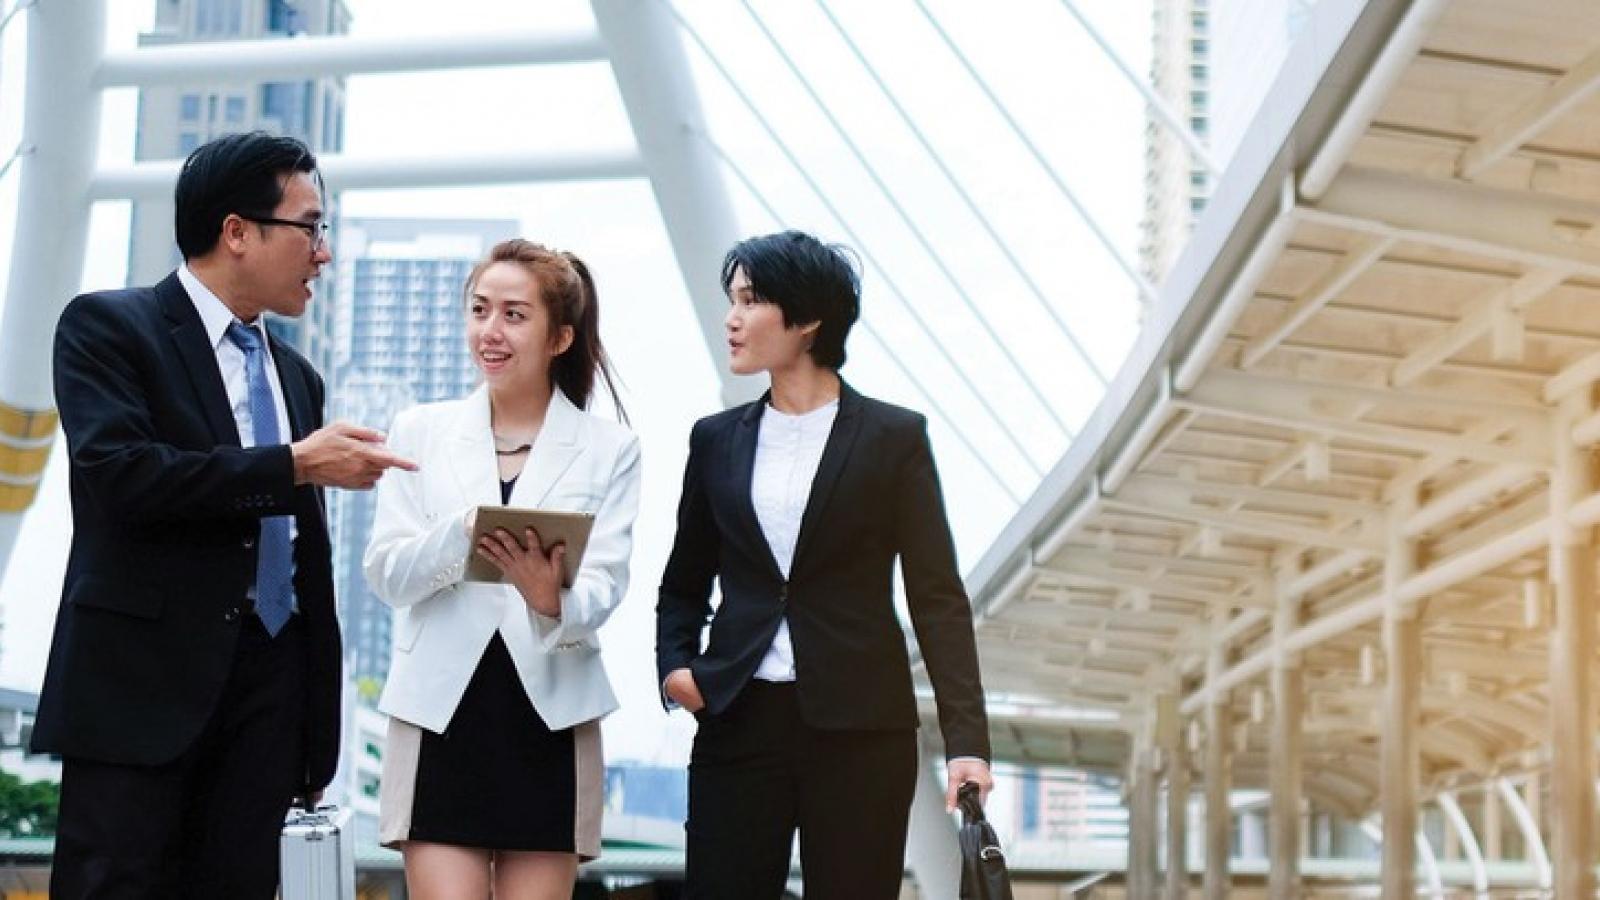 Năm 2021, những ngành nào có nhu cầu tuyển dụng lớn?